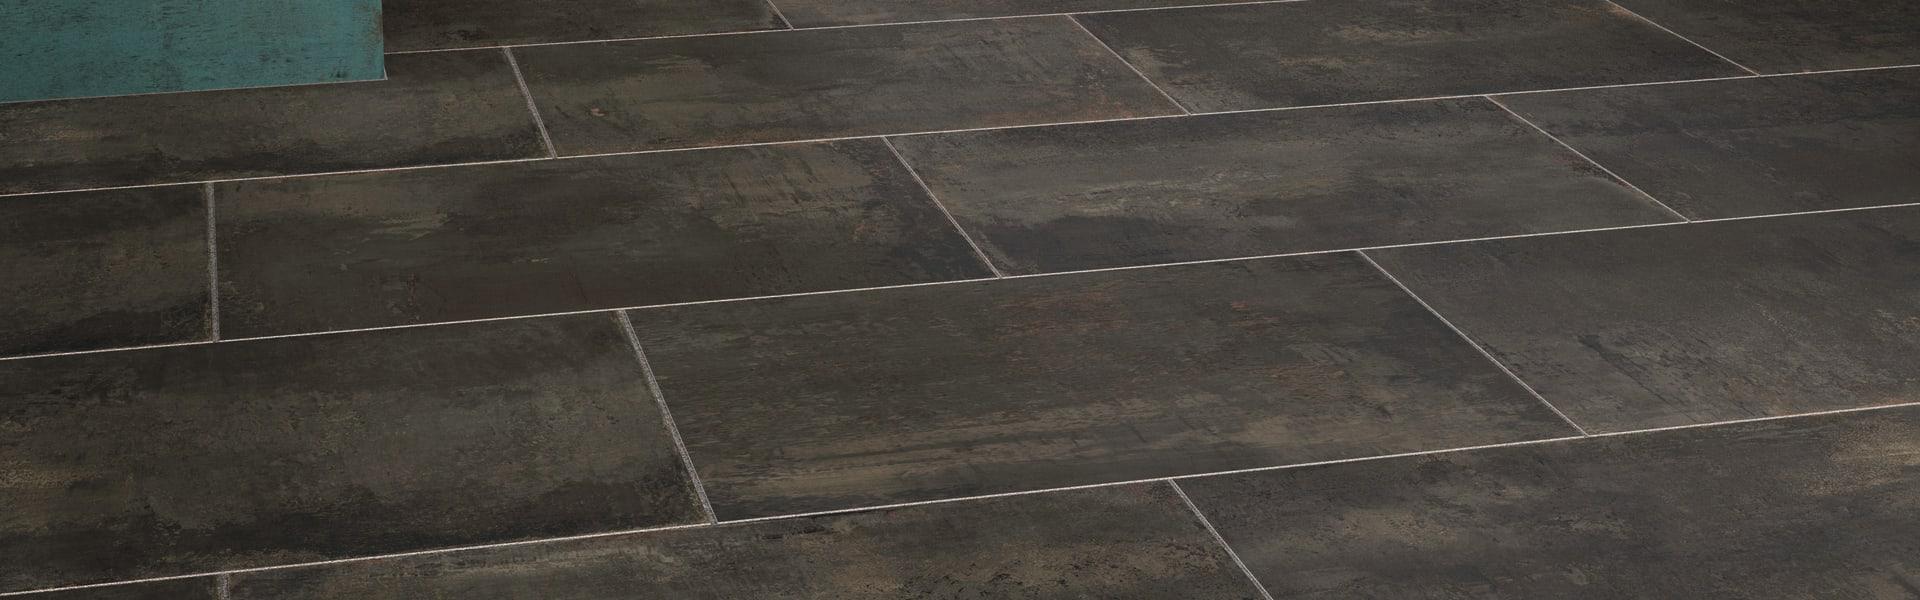 SYMPHONY® Elements Metallic paving